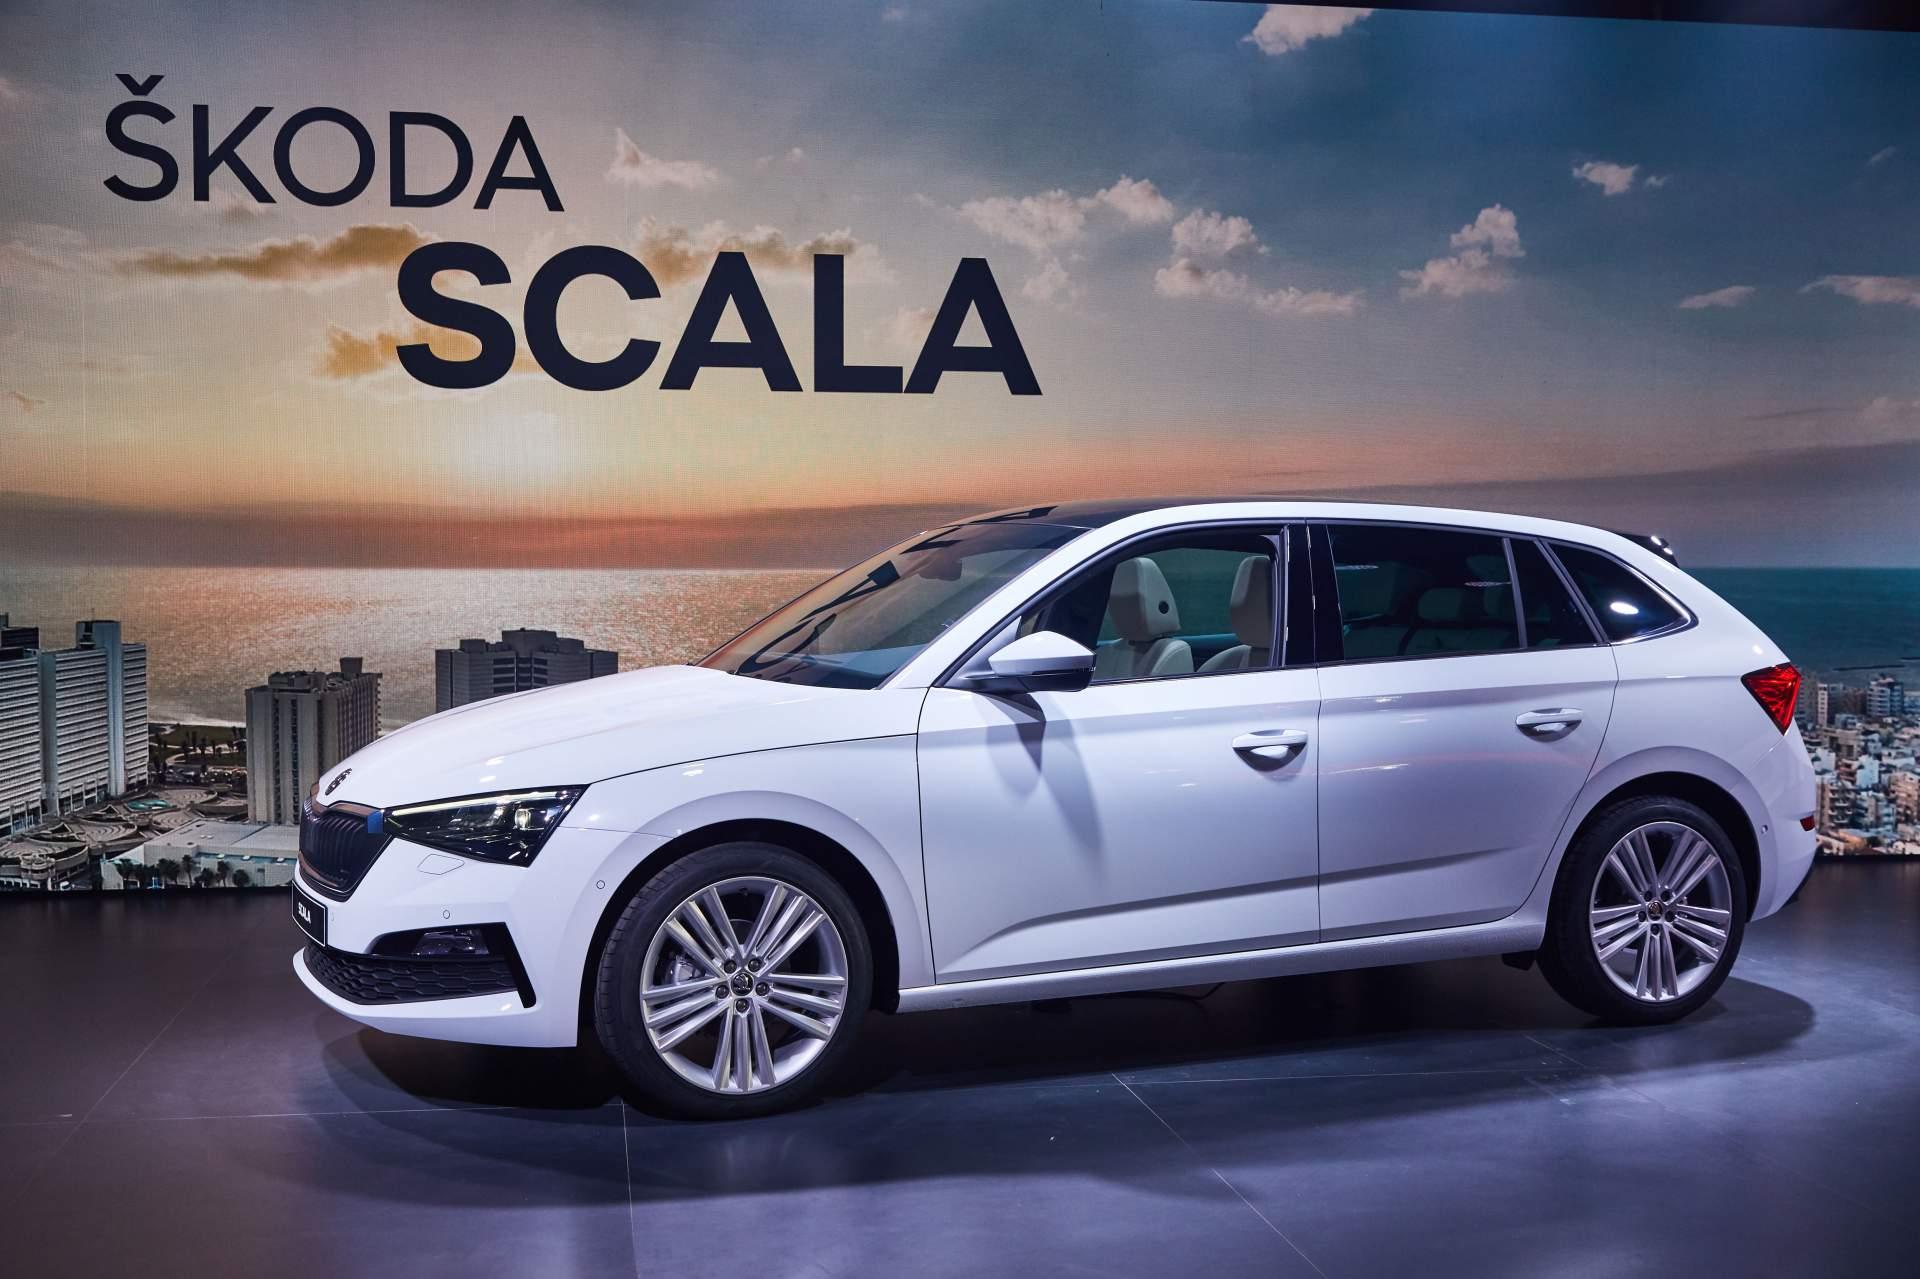 Skoda Scala  - specyfikacja modelu na polskim rynku